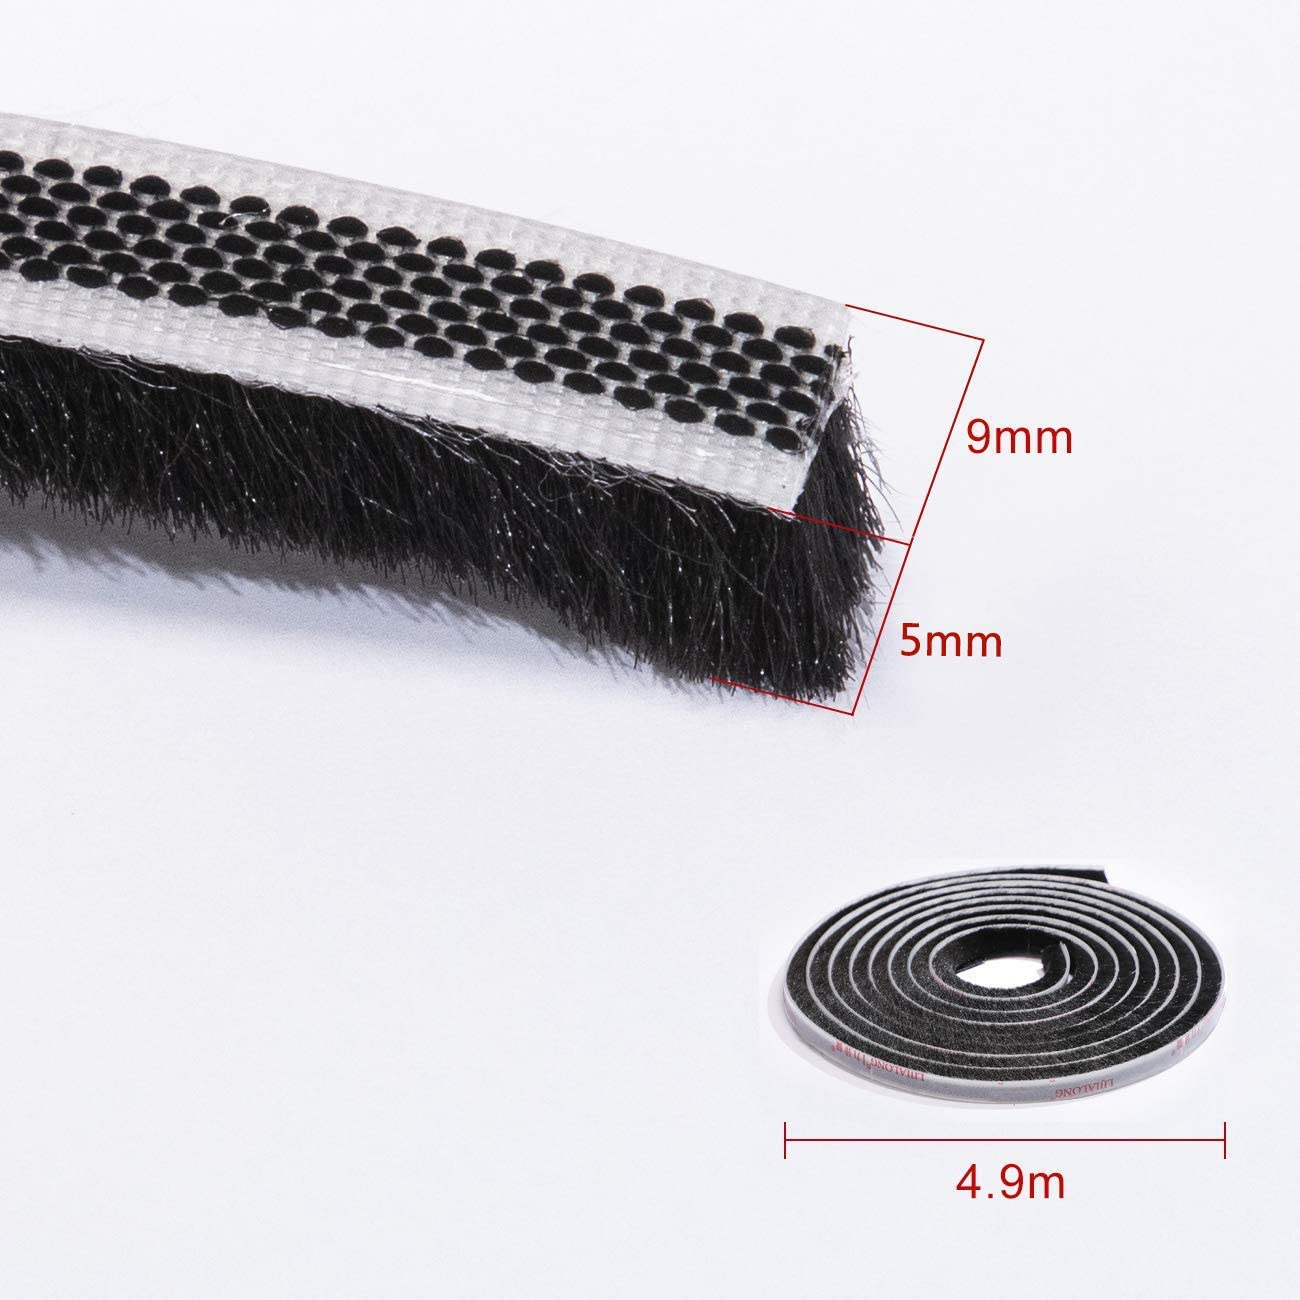 l Joint brosse autocollant 4,9M H x 5mm x 9mm L brosse d/étanch/éit/é Bouchon de porte en feutre haute densit/é excentrique pour portes coulissantes Noir fen/êtres et armoires